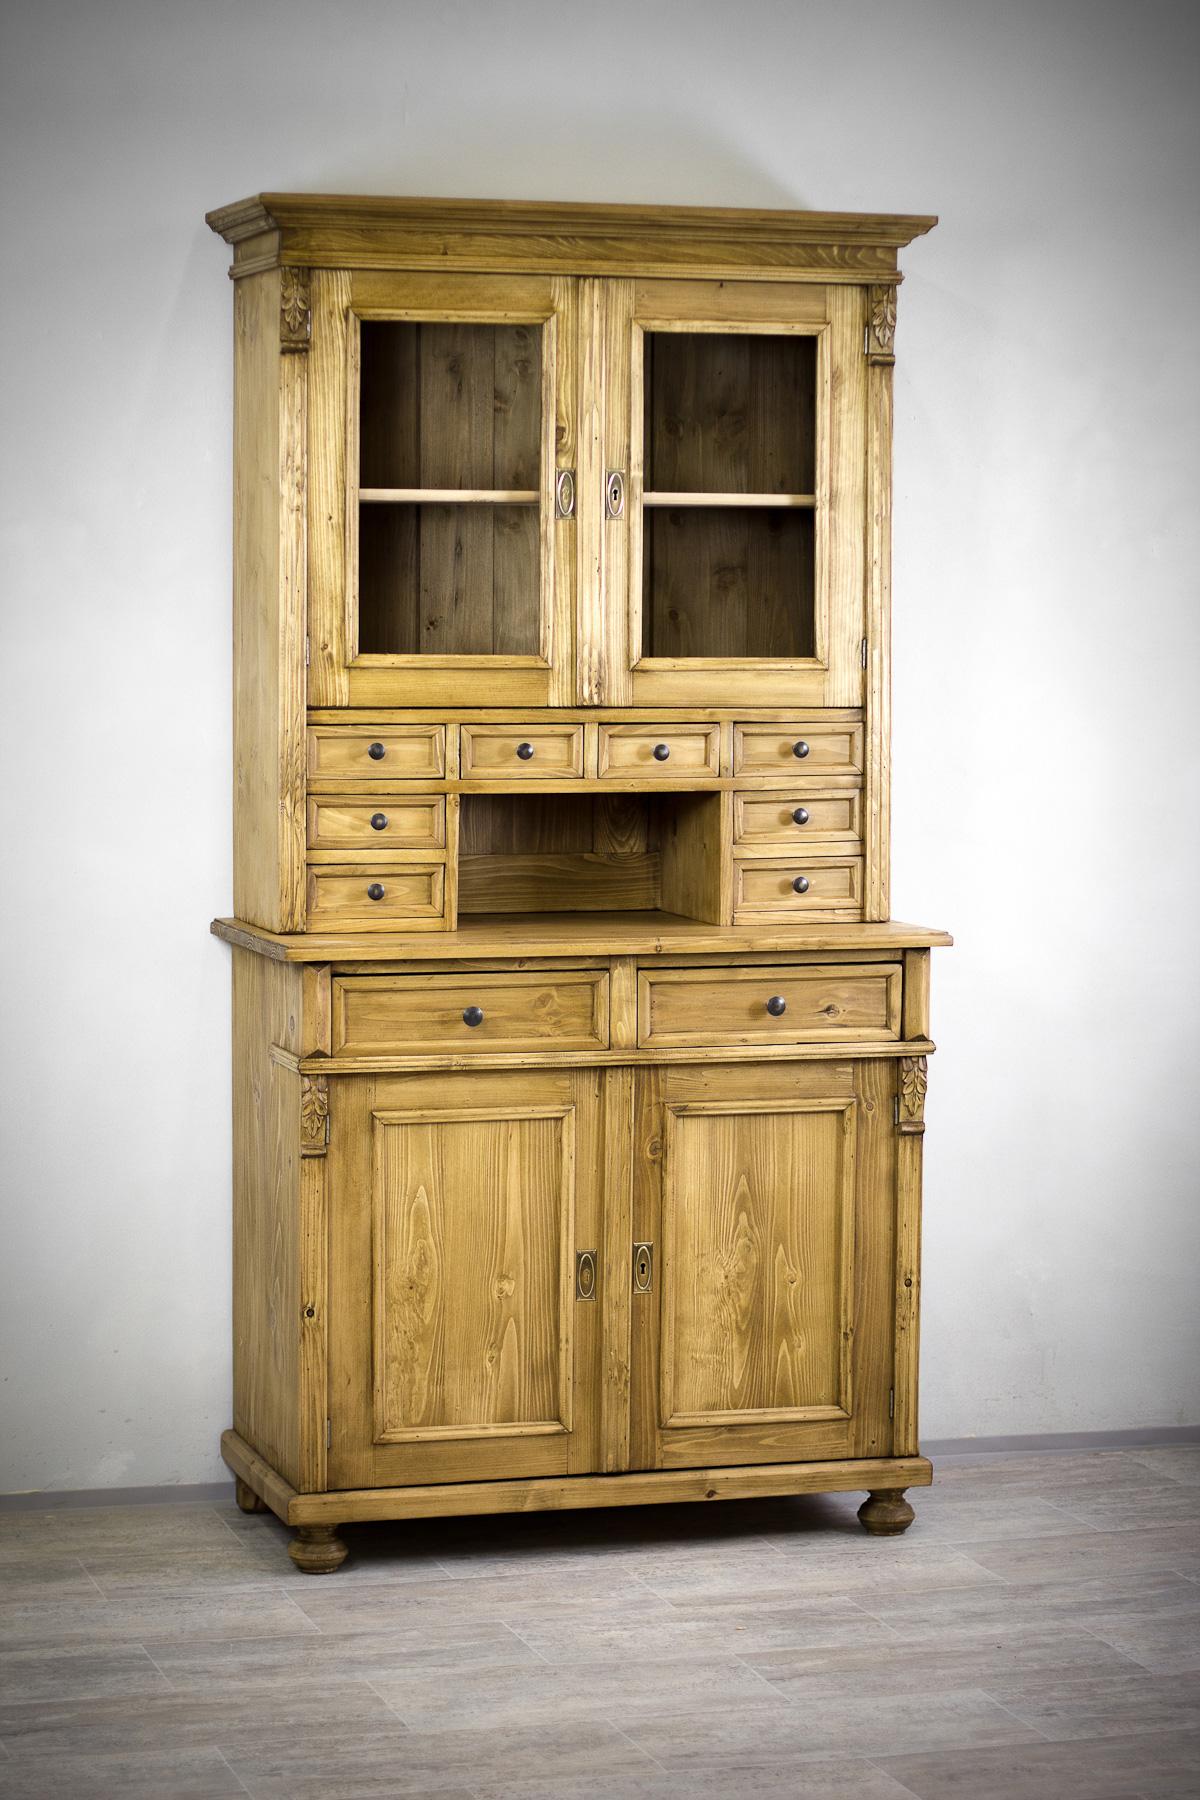 k chenbuffet bauernbufett bauernm bel antik. Black Bedroom Furniture Sets. Home Design Ideas